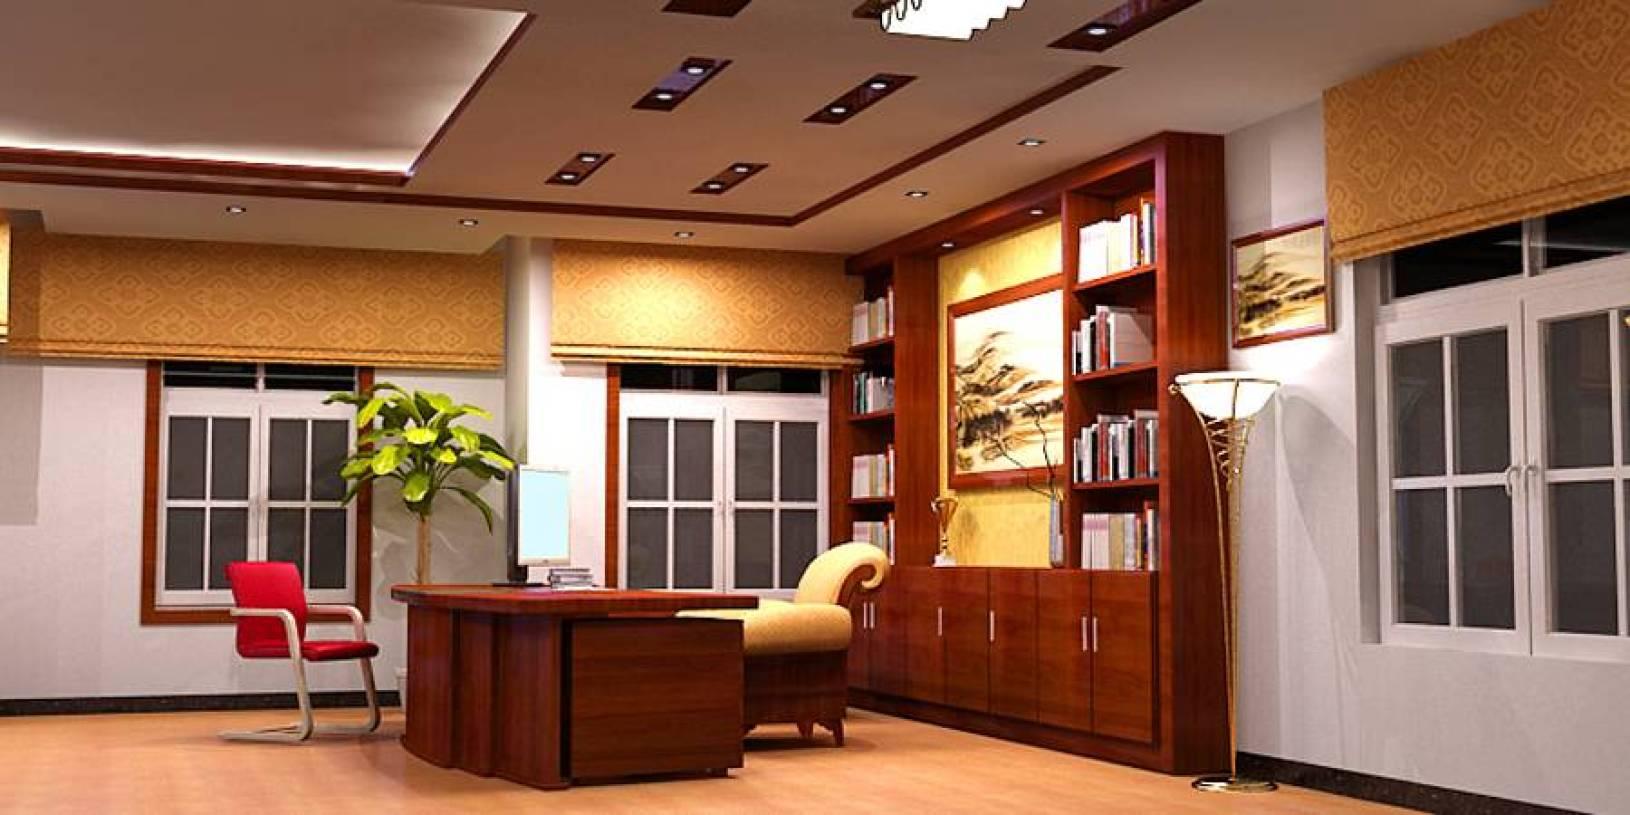 简约风格办公室背景墙装修效果图-简约风格办公椅图片